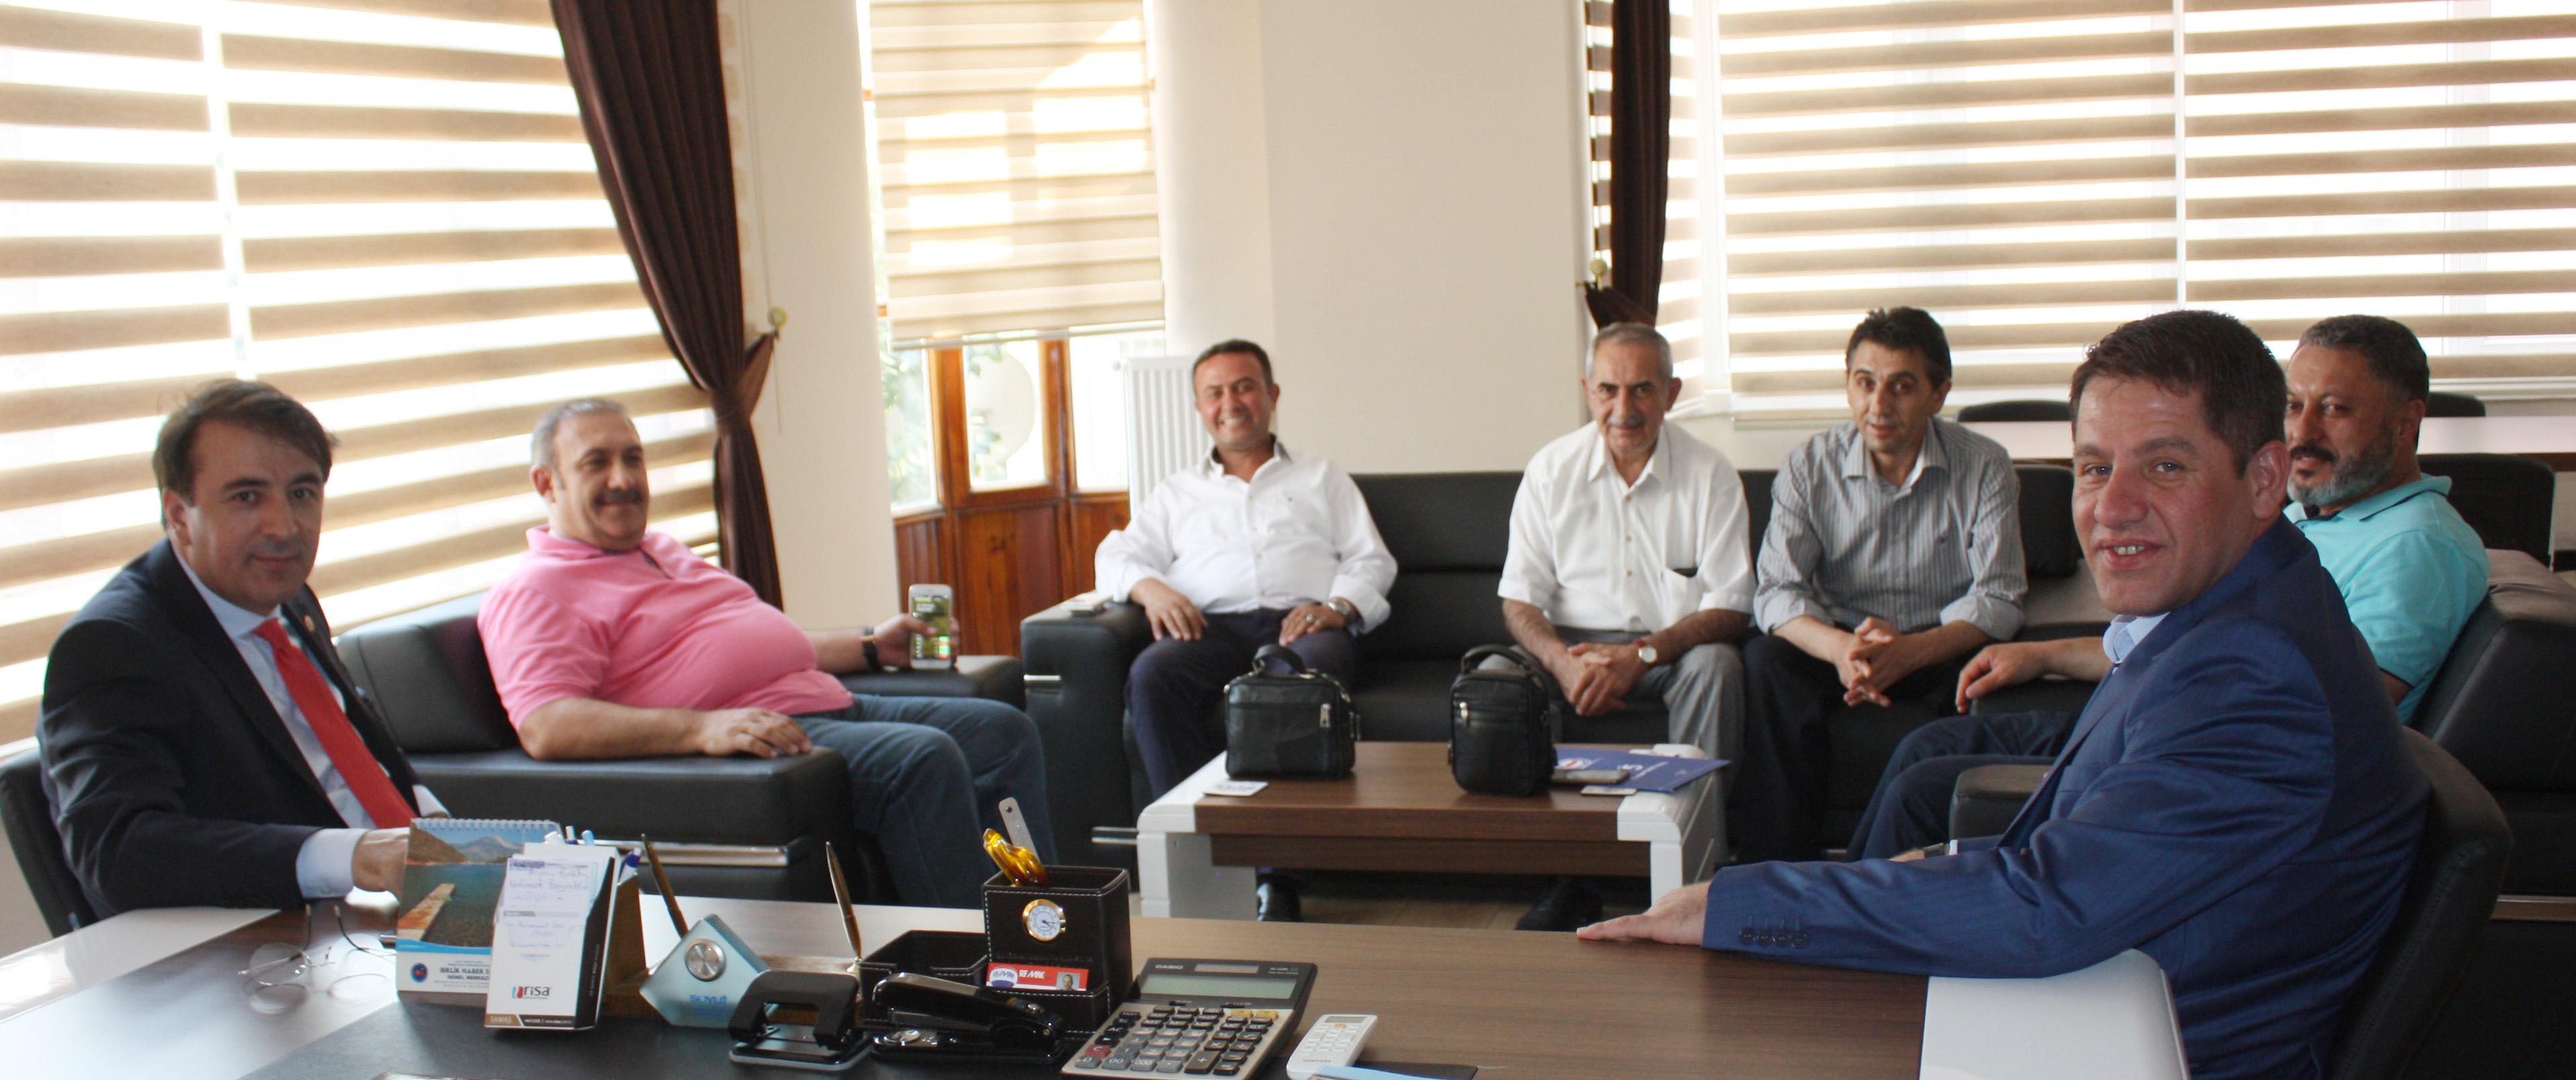 Erzurum Milletvekili Aydemir'den, Budak'a Hayırlı Olsun Ziyareti